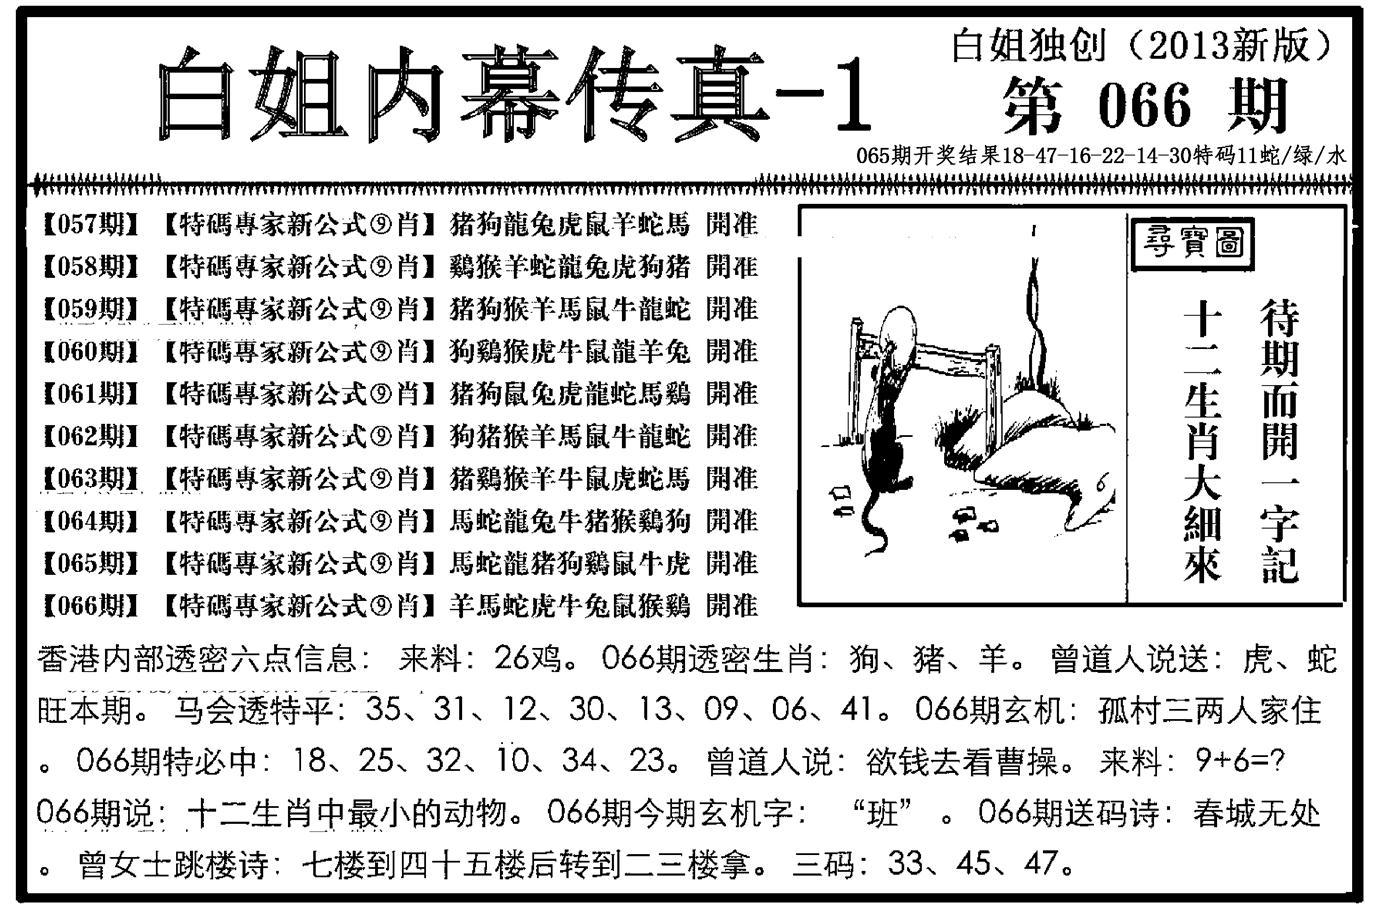 066期白姐内幕传真-1(黑白)